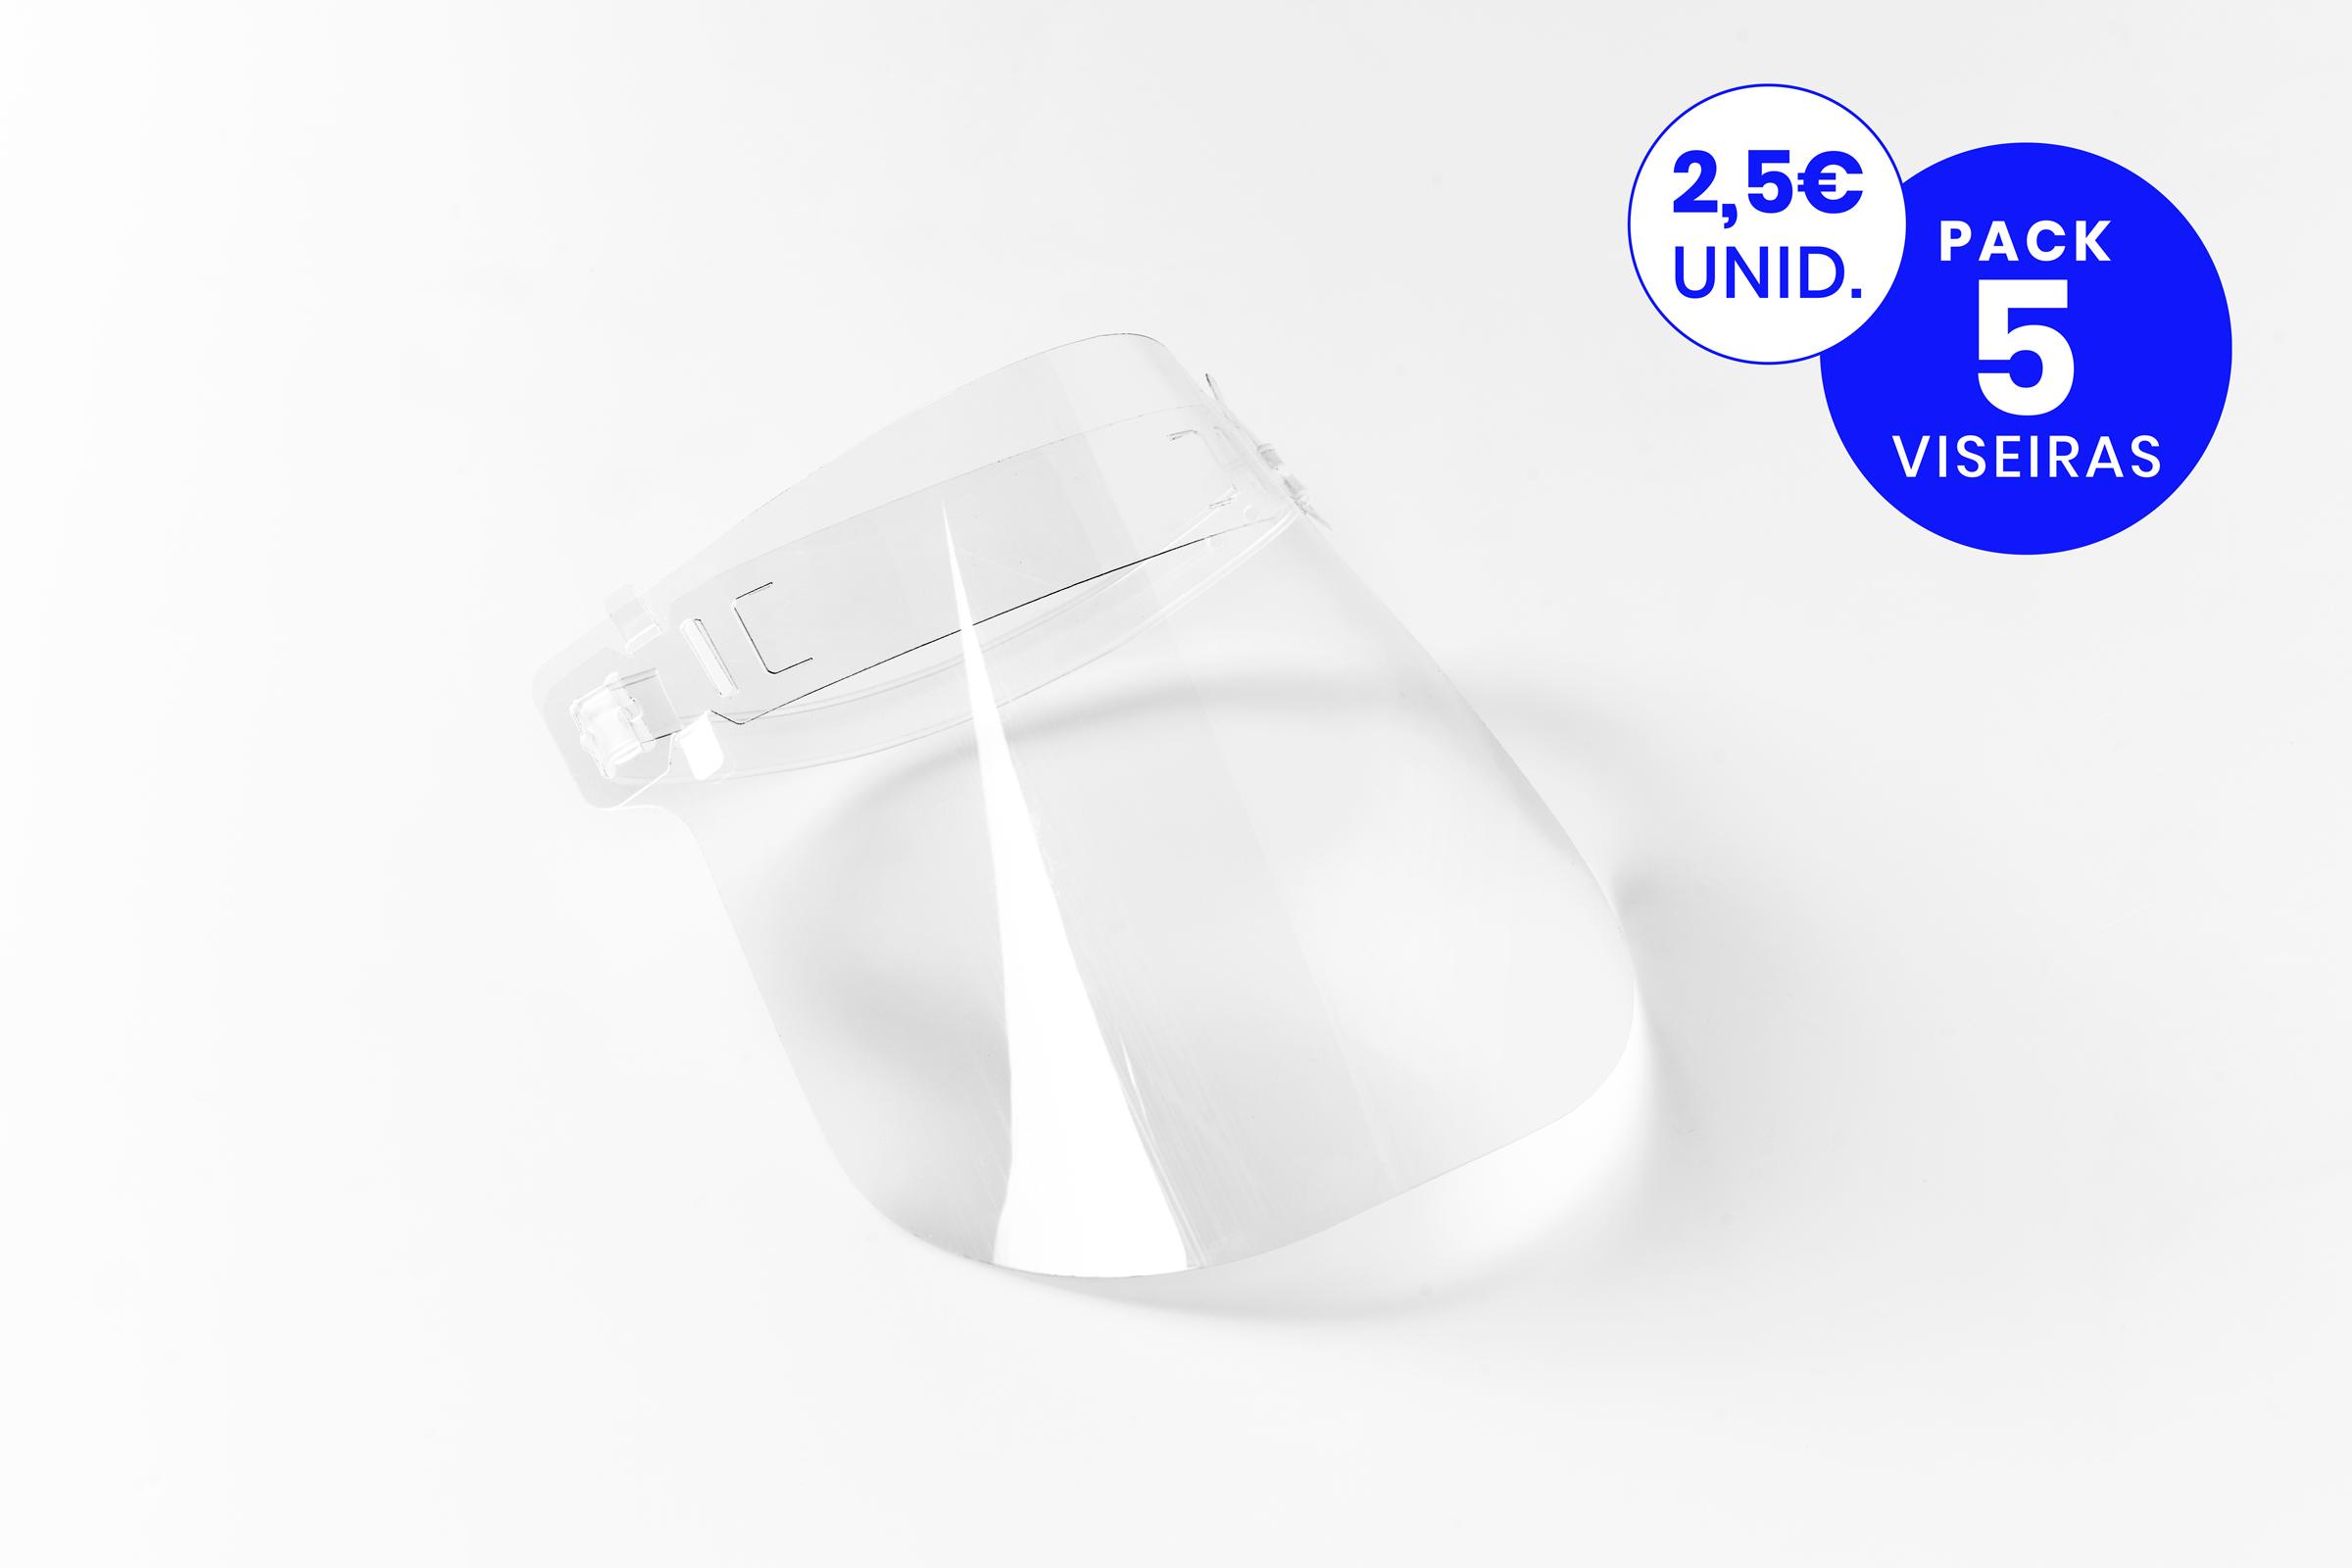 visiera de proteção económica em policarbonato cristal